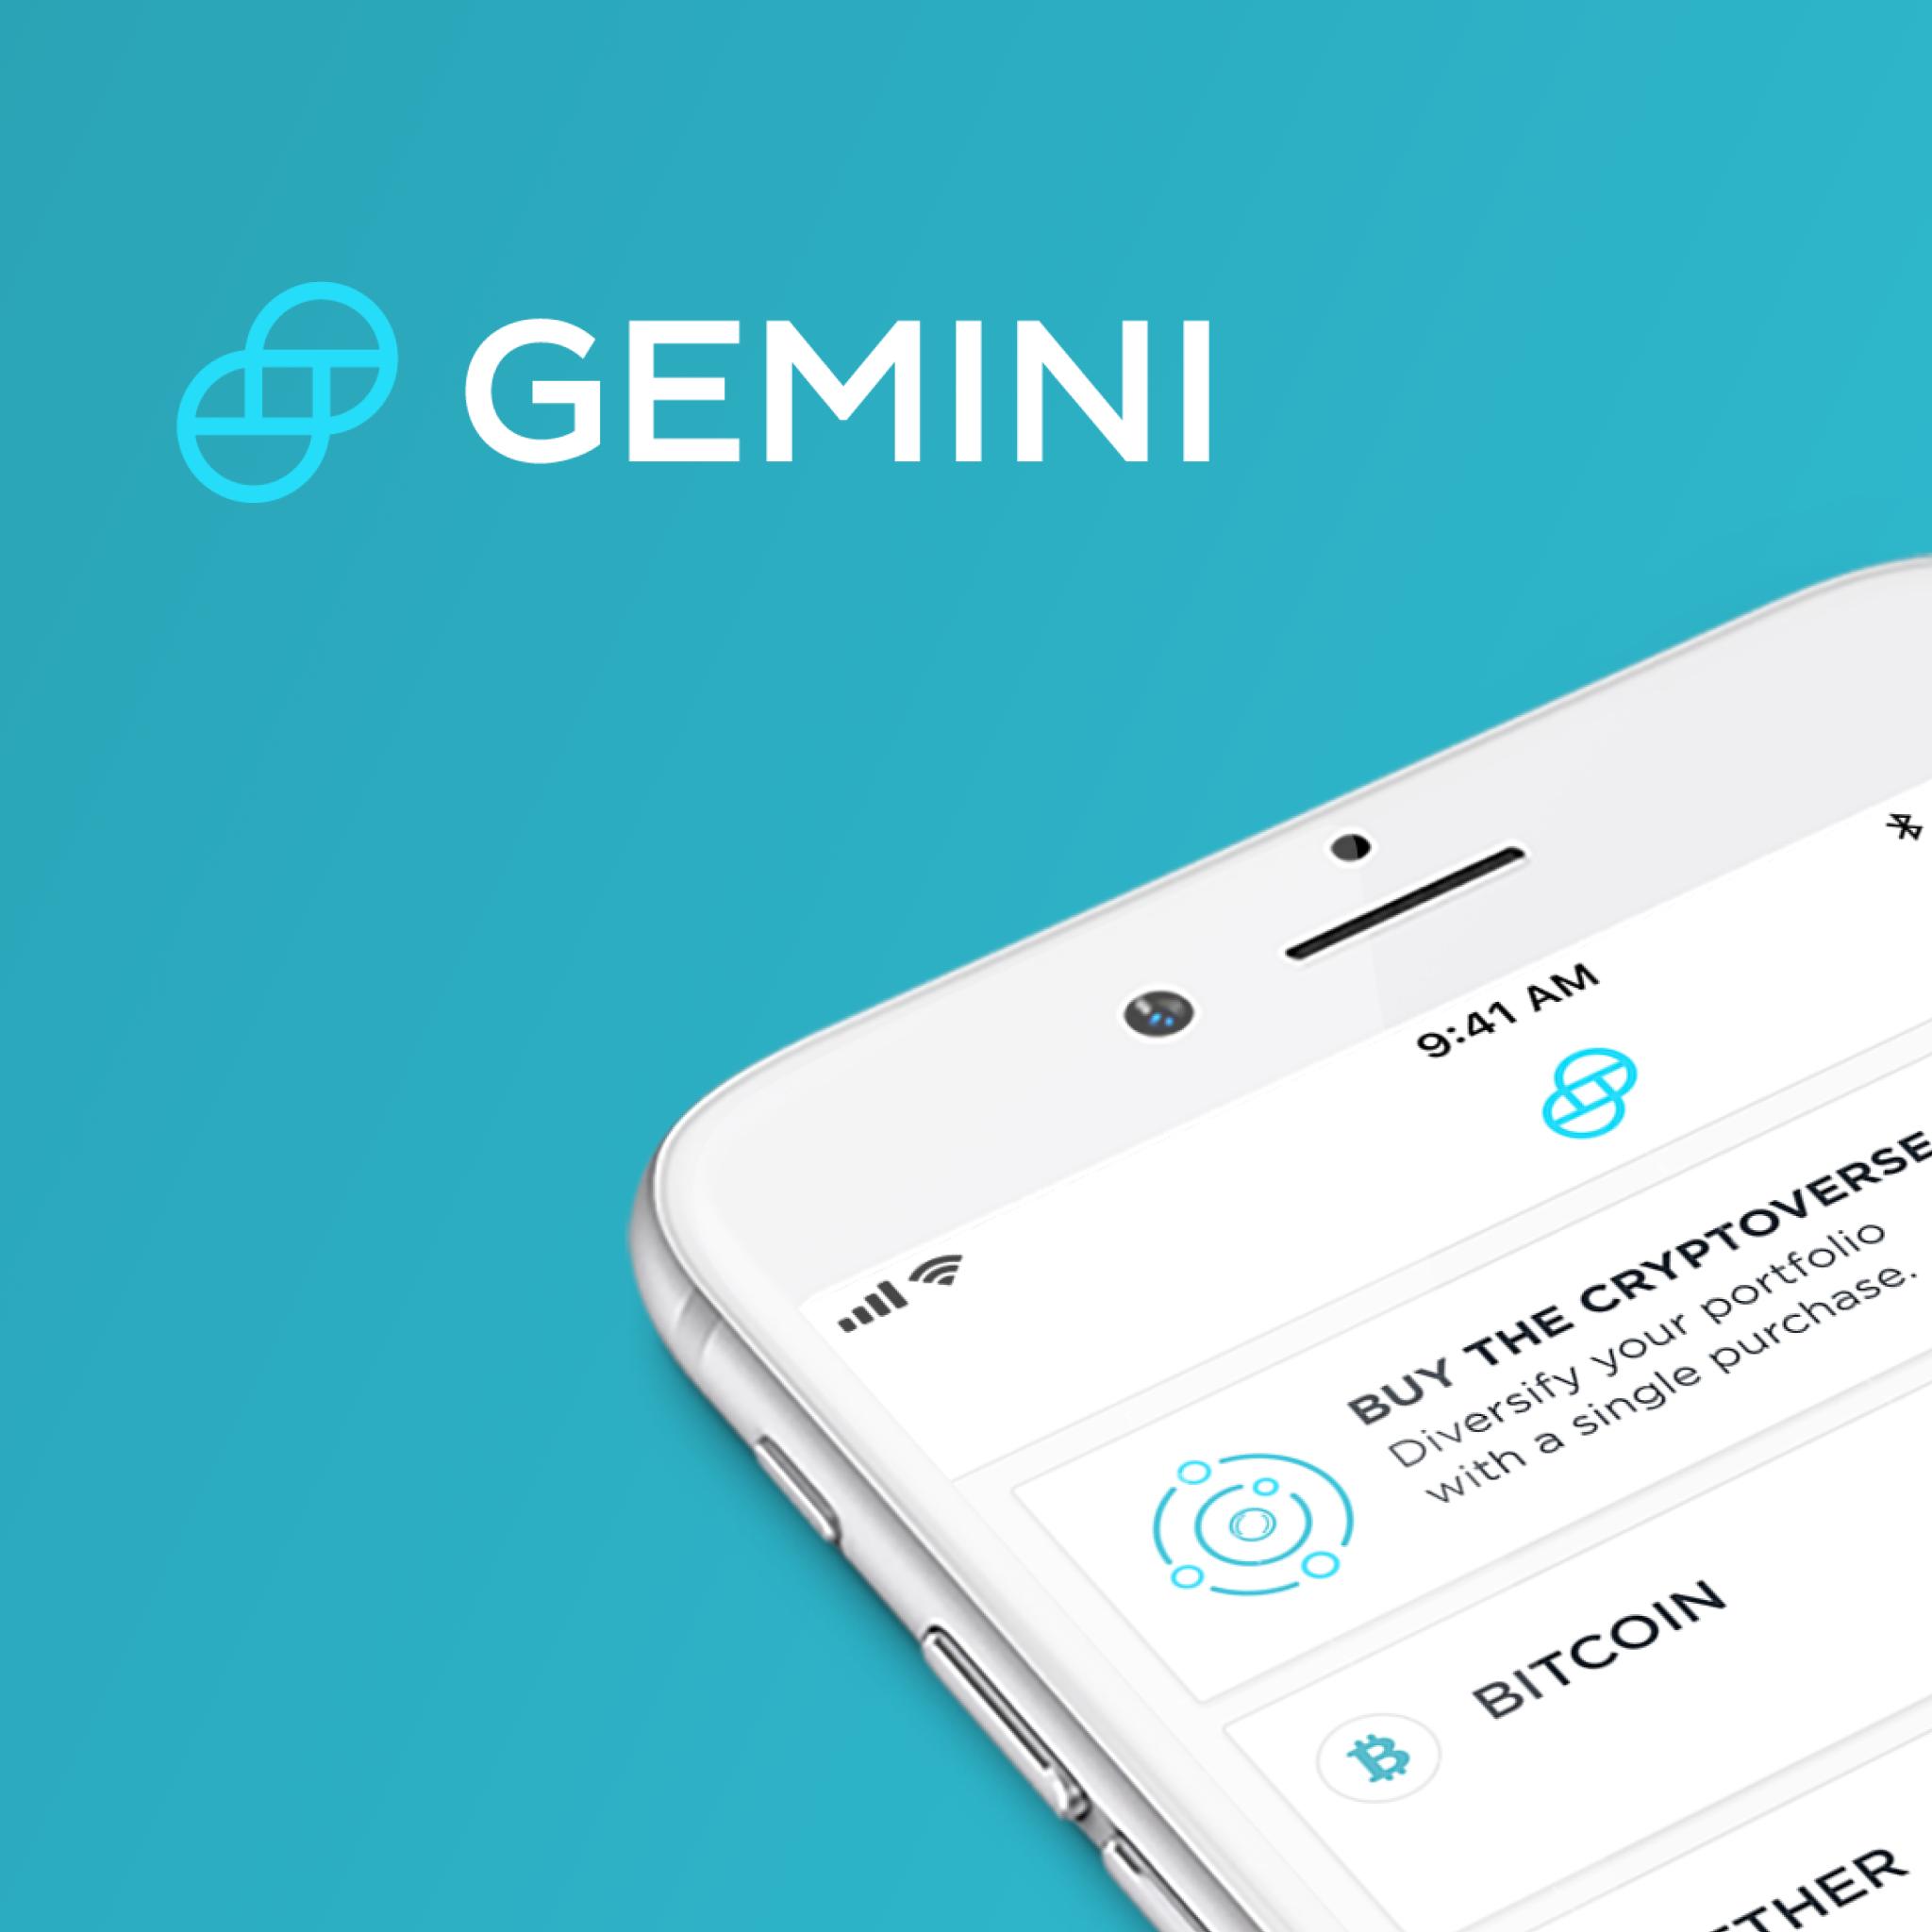 Gemini Mobile - Launch your crypto portfolio on Gemini